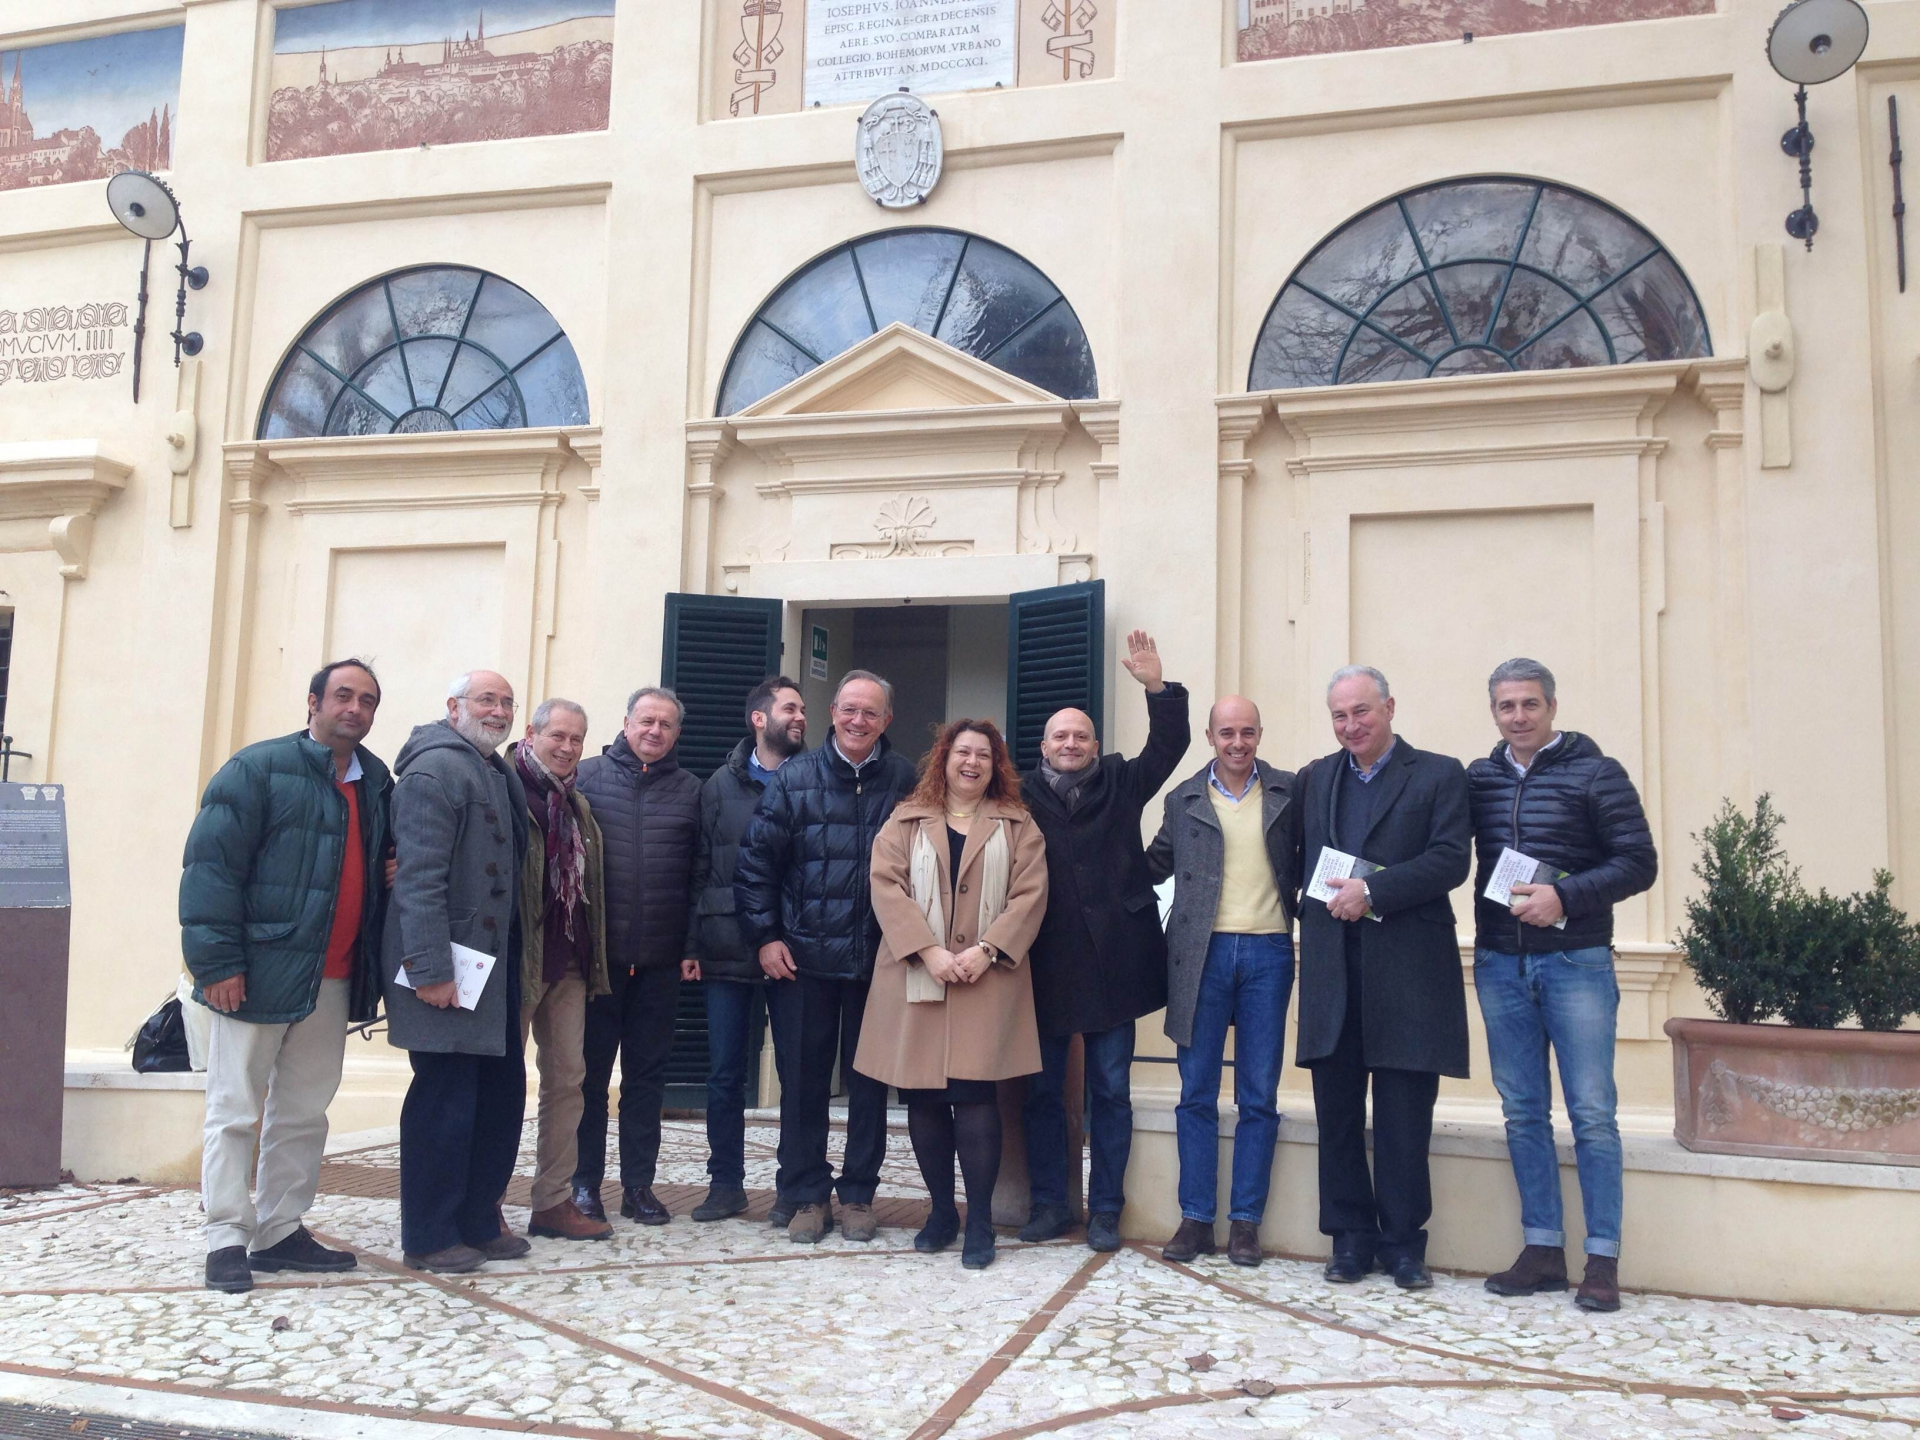 Strada regionale Olio Dop Umbria, riconfermato presidente Paolo Morbidoni